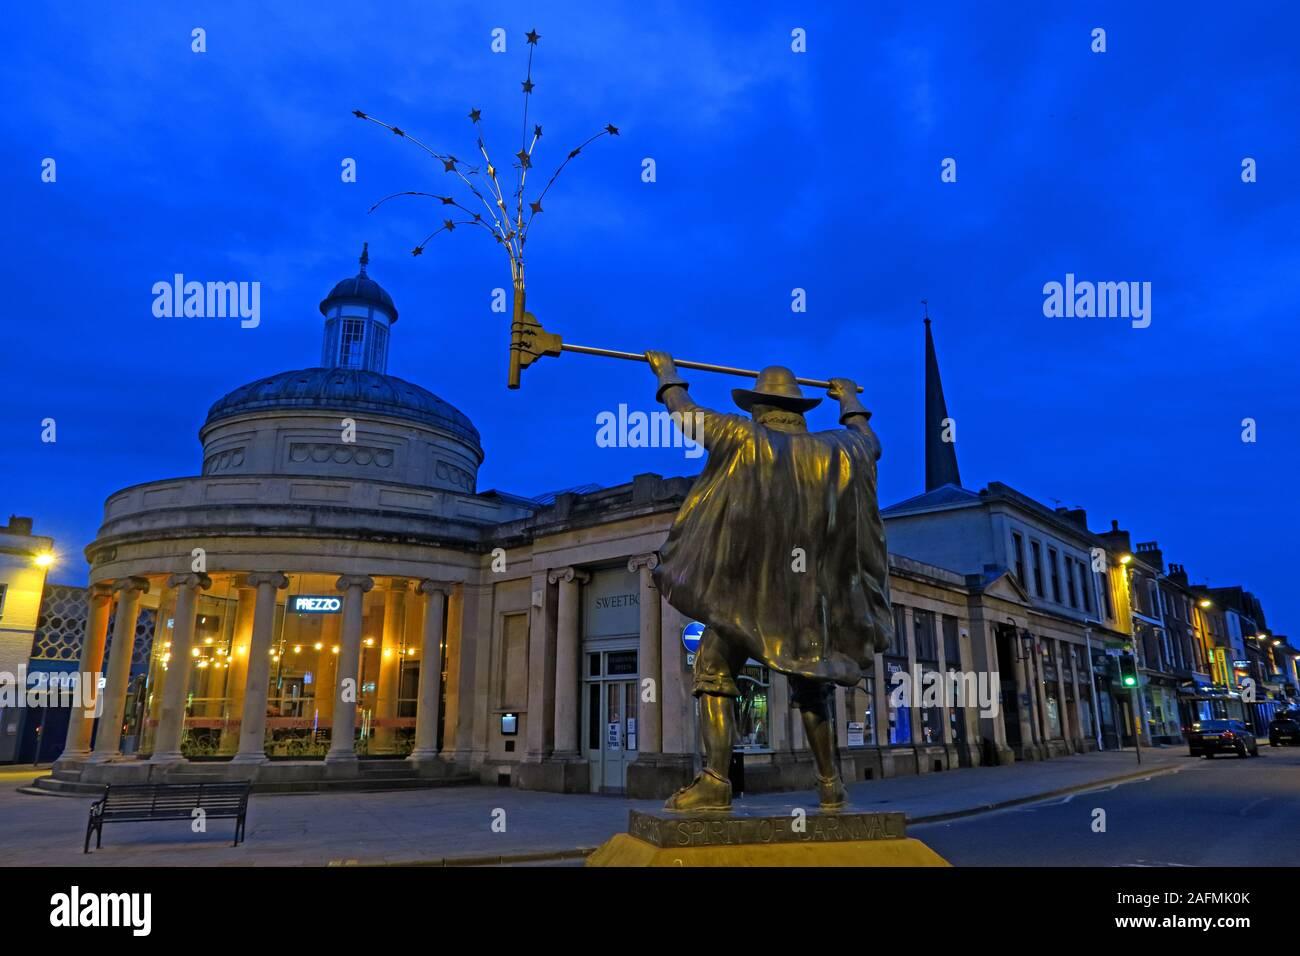 Dieses Stockfoto: Die Spirit of Carnival Statue und alter Marktplatz, Bridgwater Town Center, Sedgemoor District Council, Somerset, Südwestengland, Großbritannien - 2AFMK0